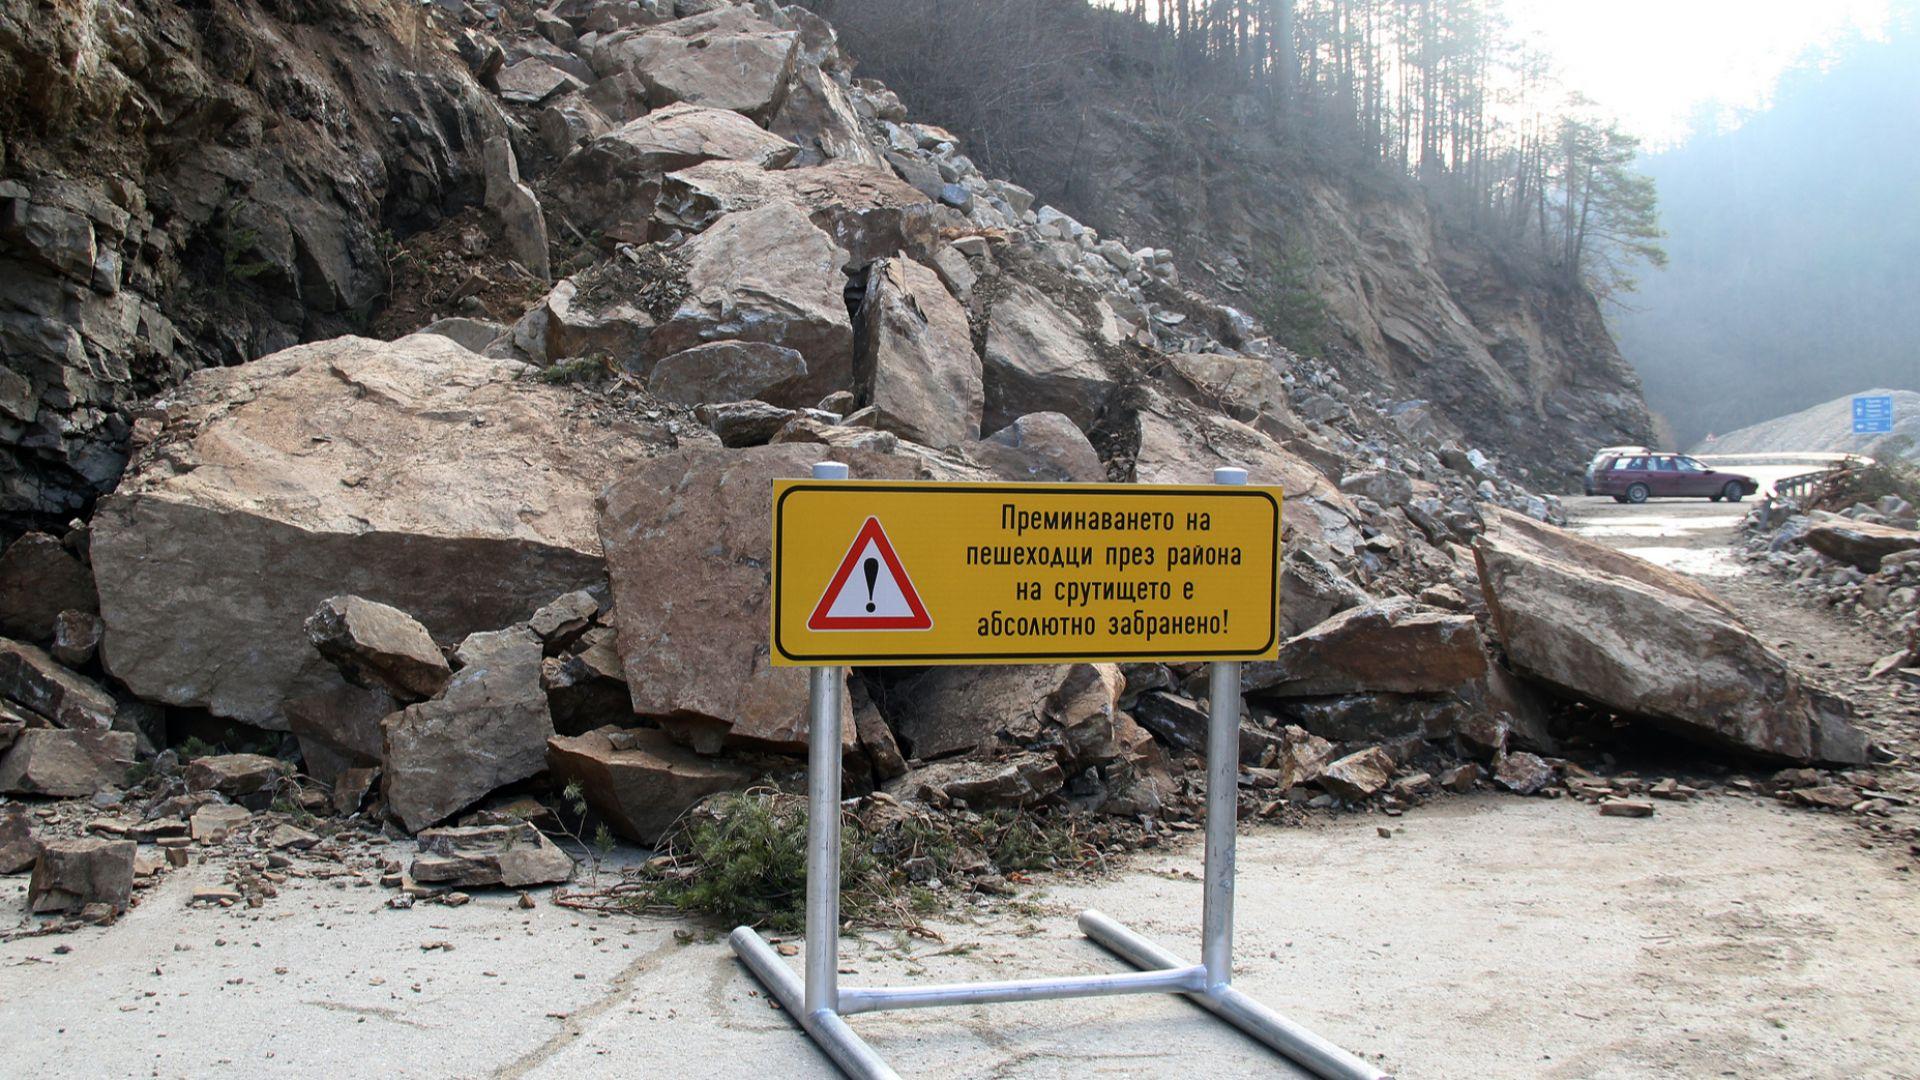 Алпинисти ще монтират мрежа над срутището край Тикале на пътя Смолян-Мадан